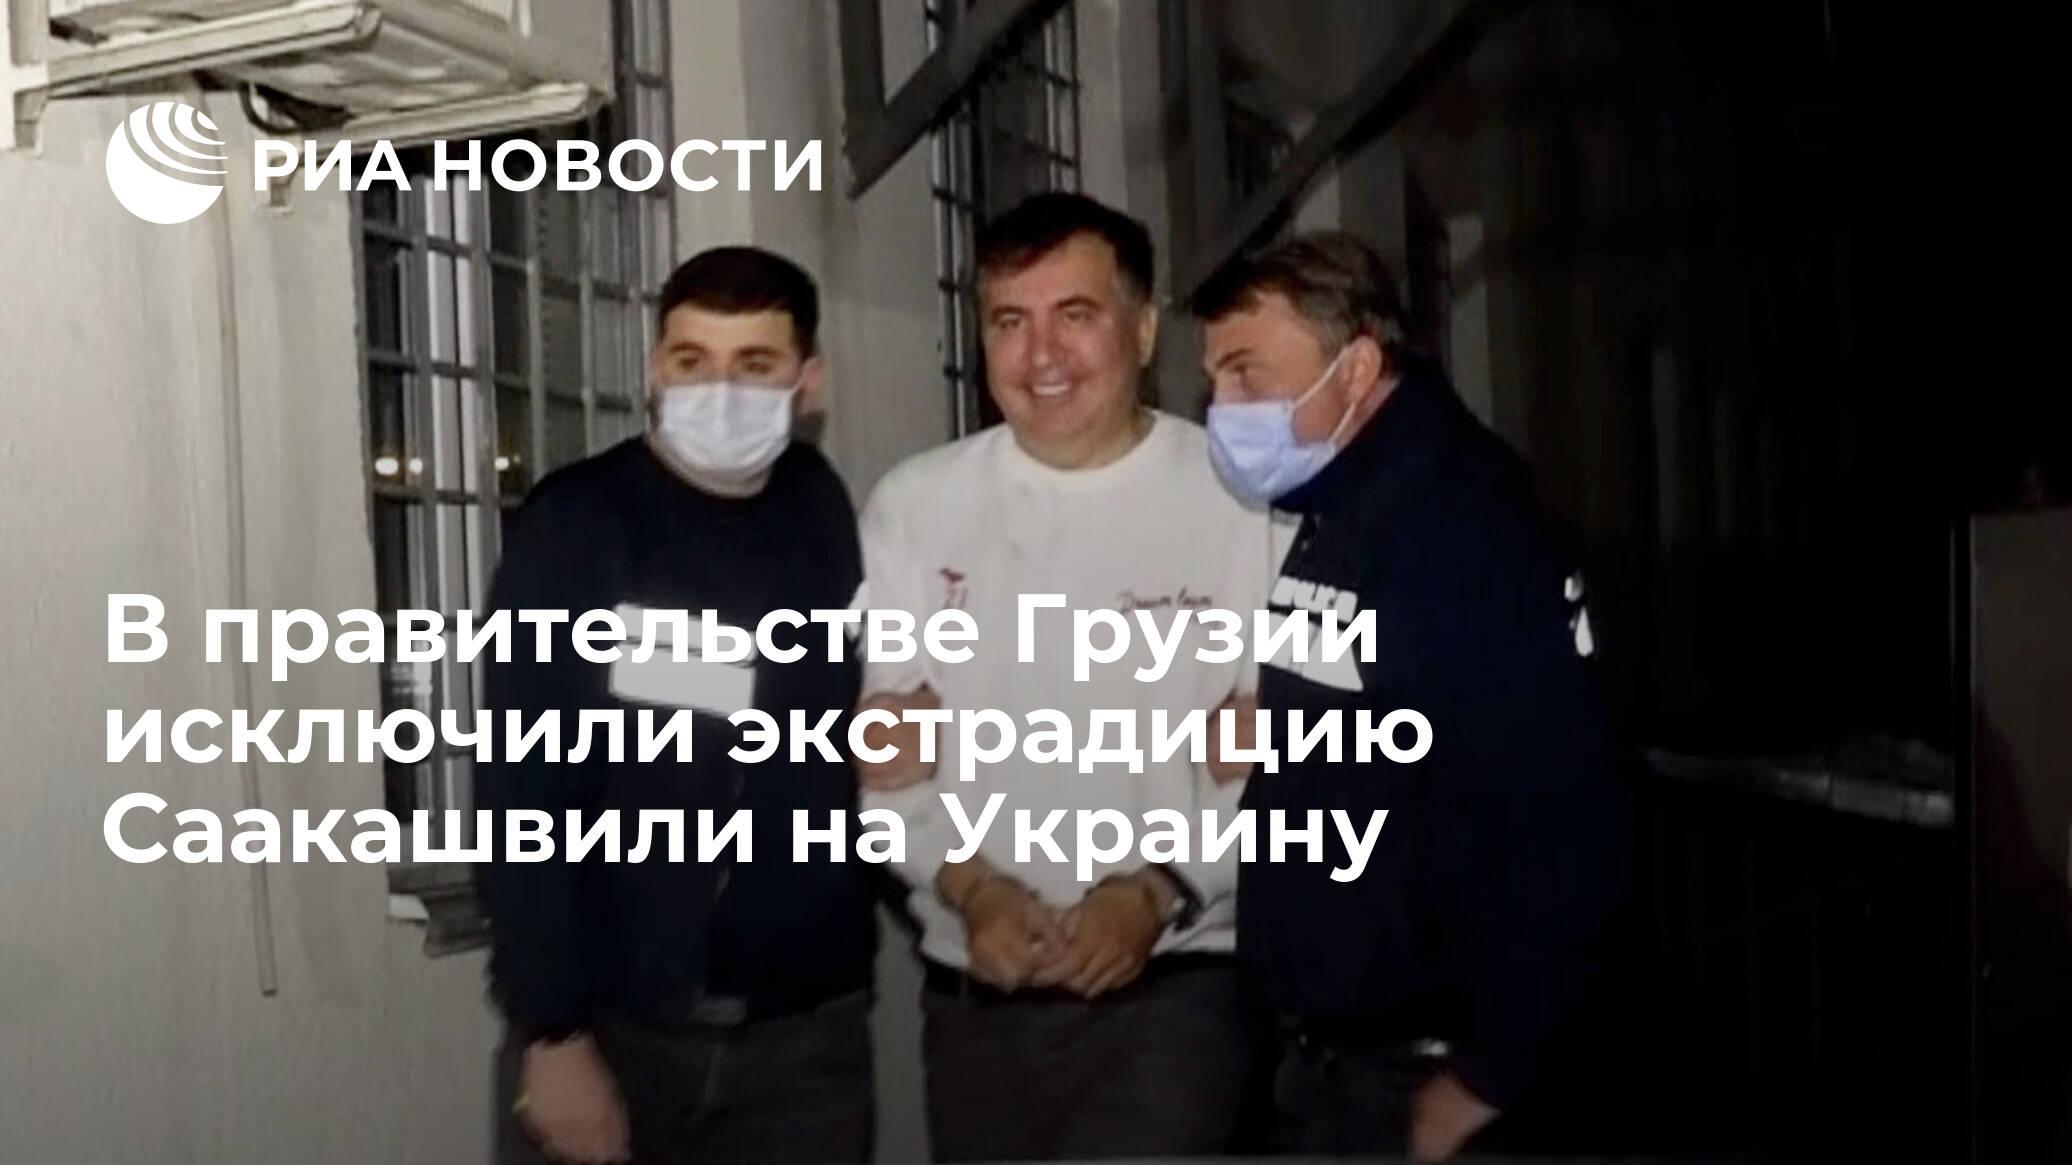 В правительстве Грузии исключили экстрадицию Саакашвили на Украину